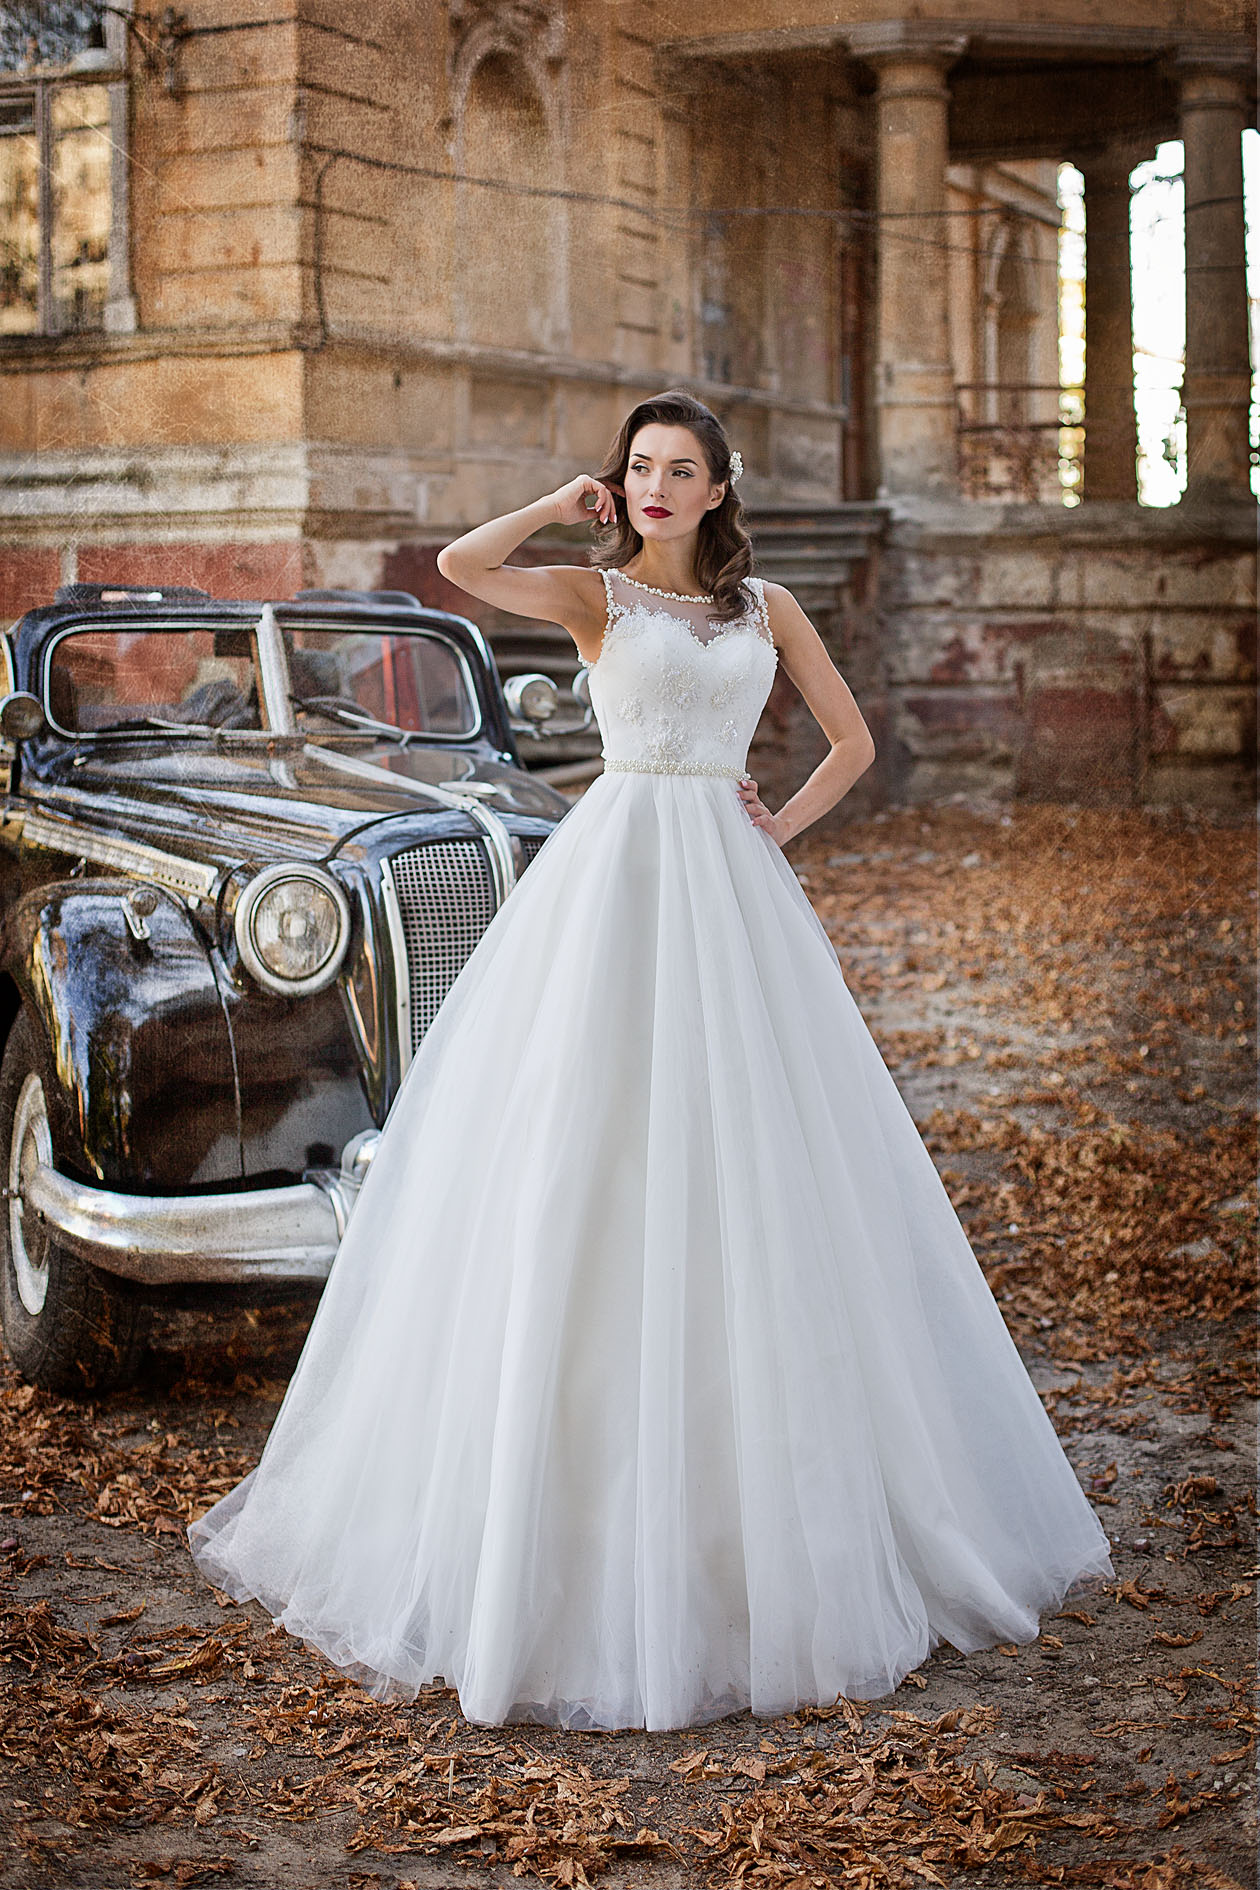 bf8db3e6996 Купить пышное свадебное платье Gabriel c вышивкой стразами и ...